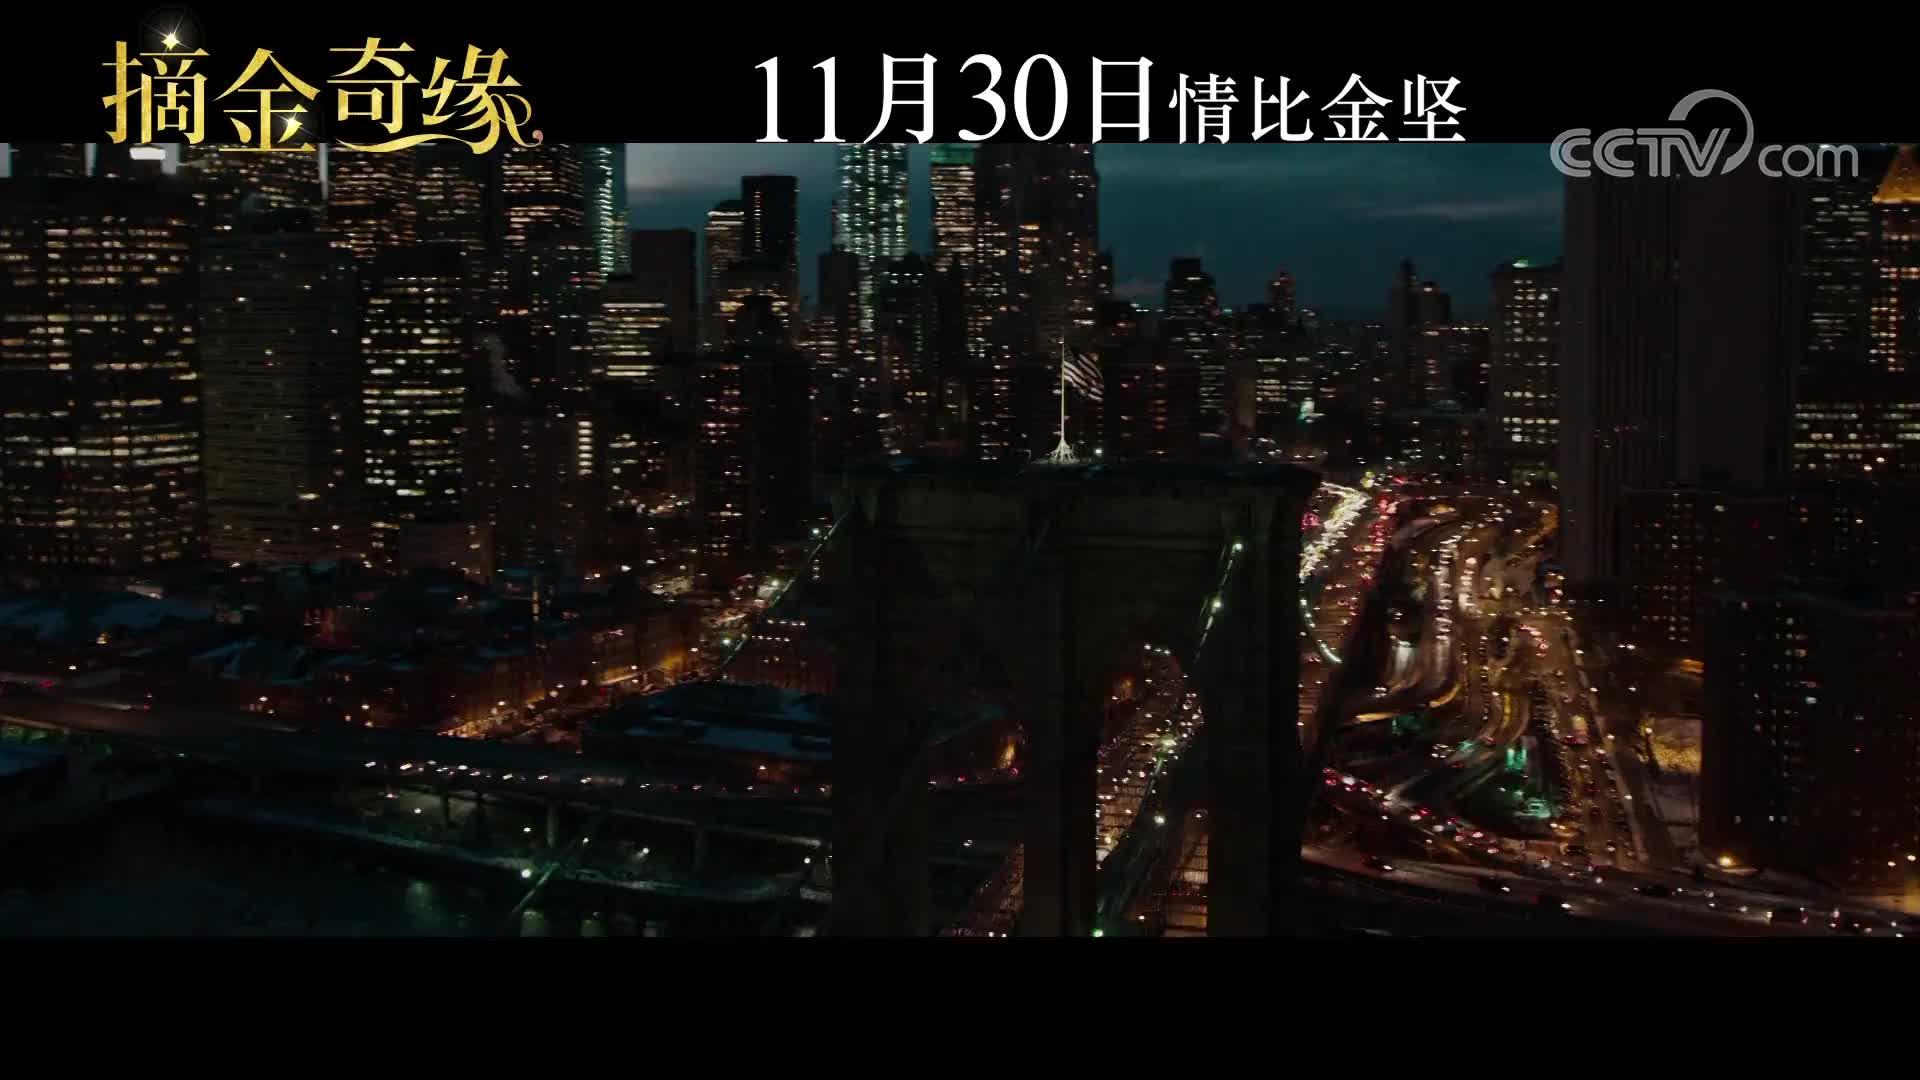 [视频]《摘金奇缘》发布终极预告 豪门矛盾升级上演